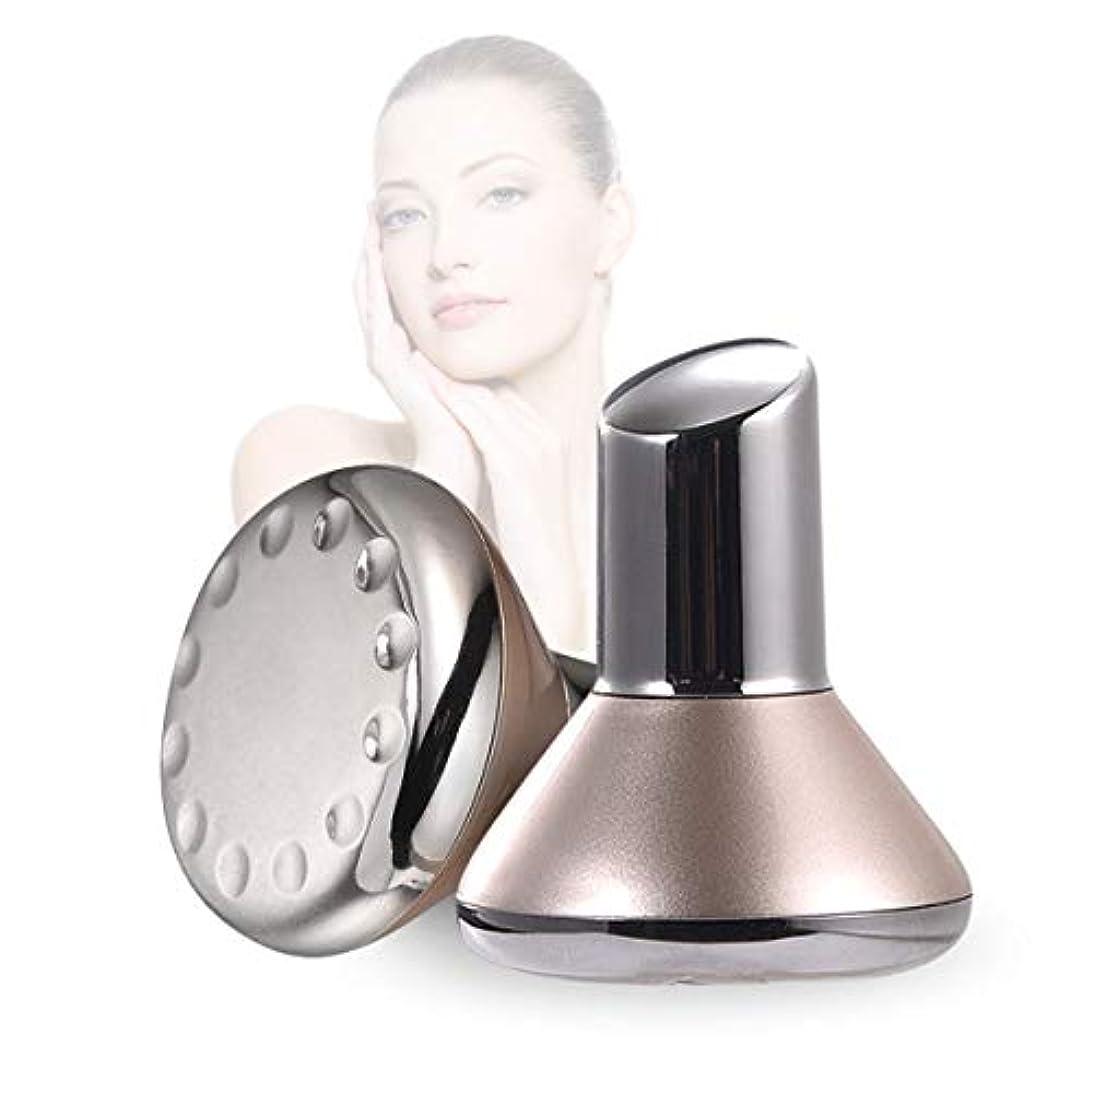 ナプキンムスタチオ送料顔の顔のマッサージ、マイクロ磁気振動高周波が付いている携帯用顔機械 - しわを減らすイオン本質のクリーニングの器械